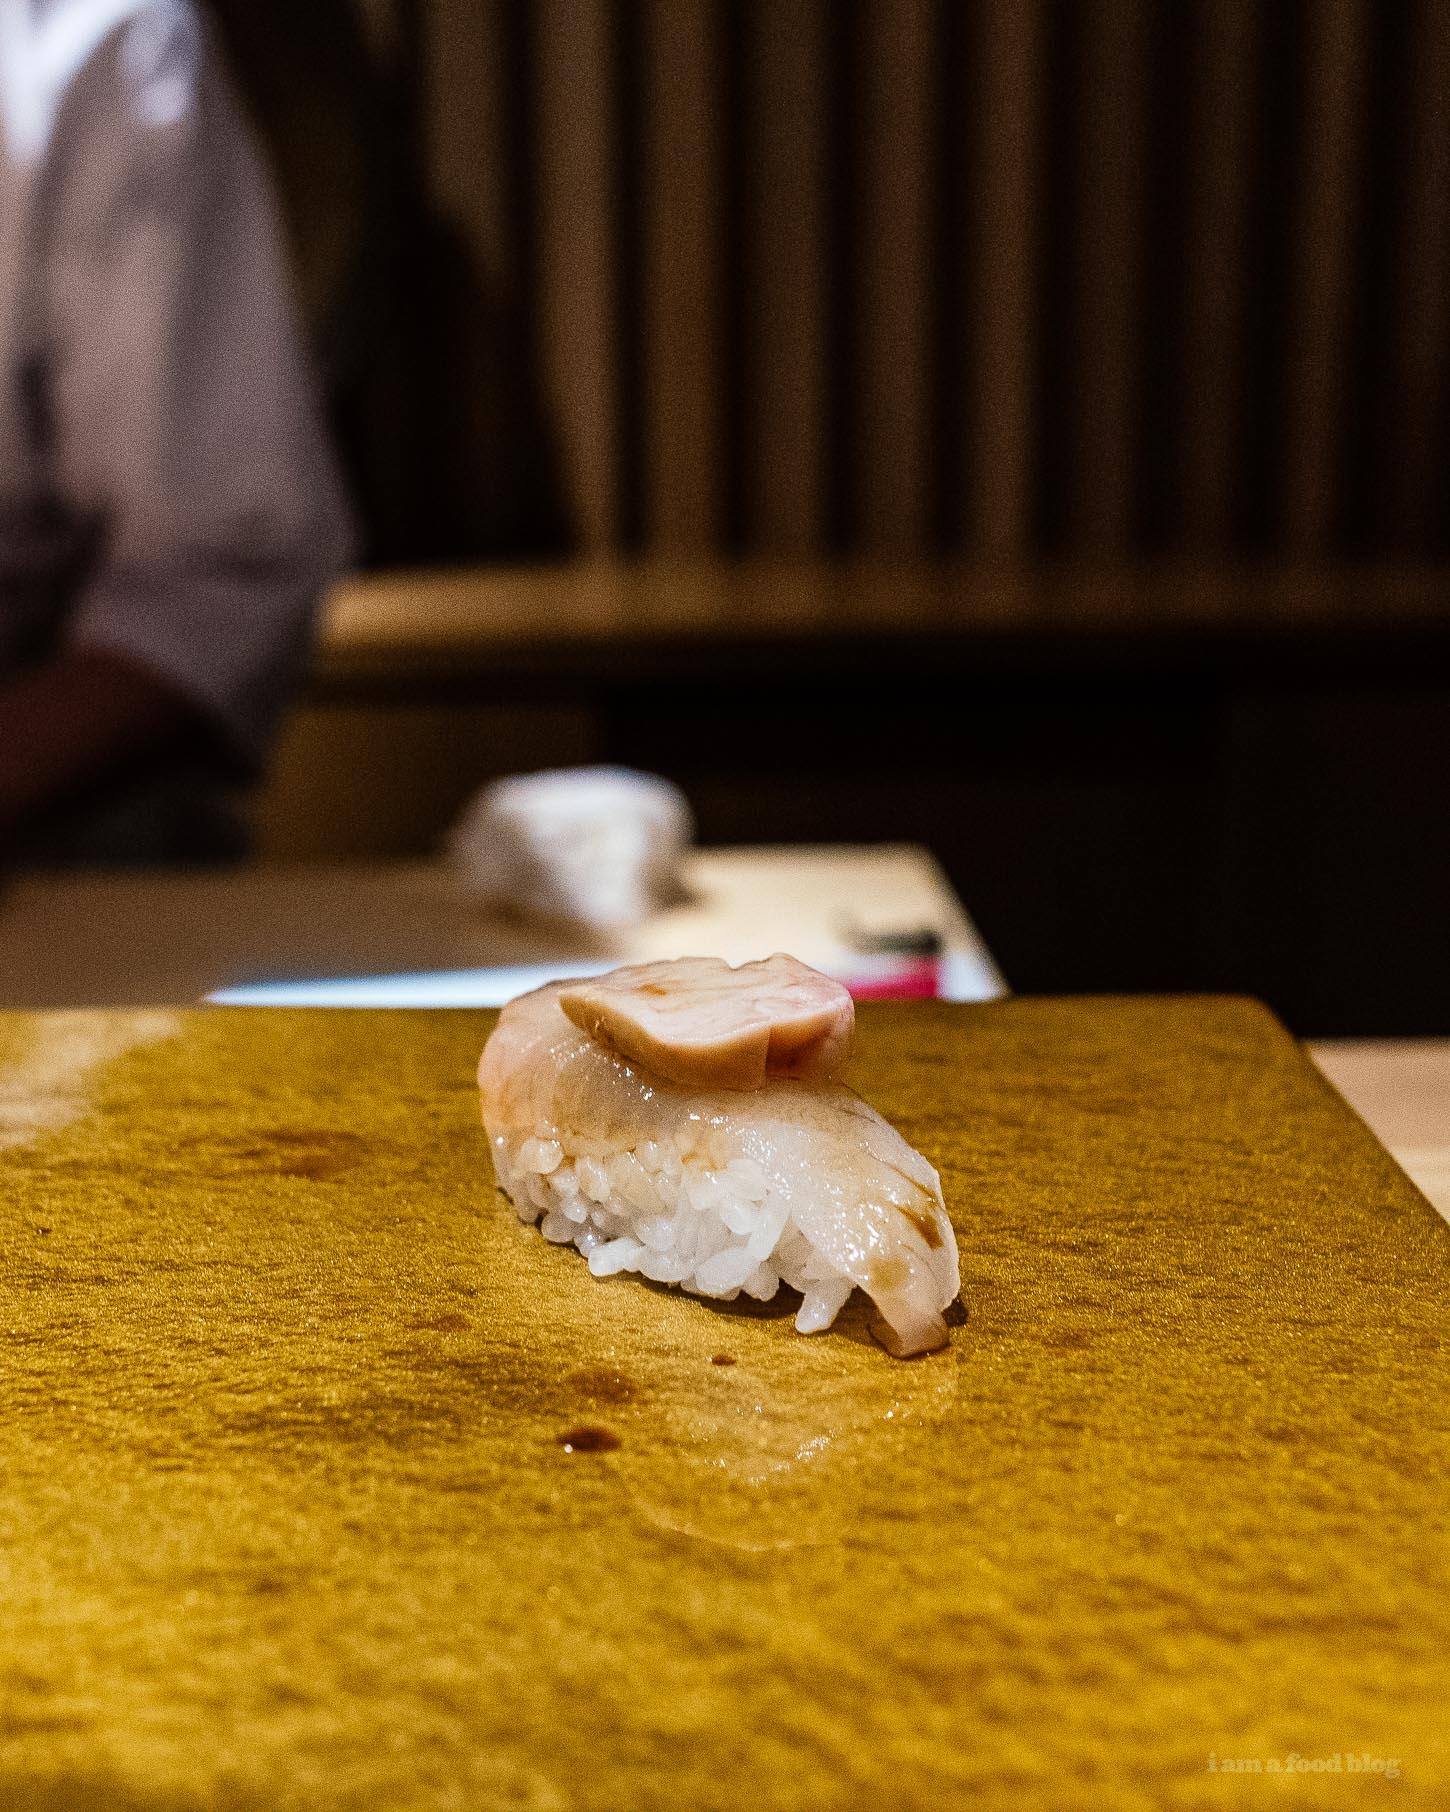 Satsuki NYC   www.iamafoodblog.com